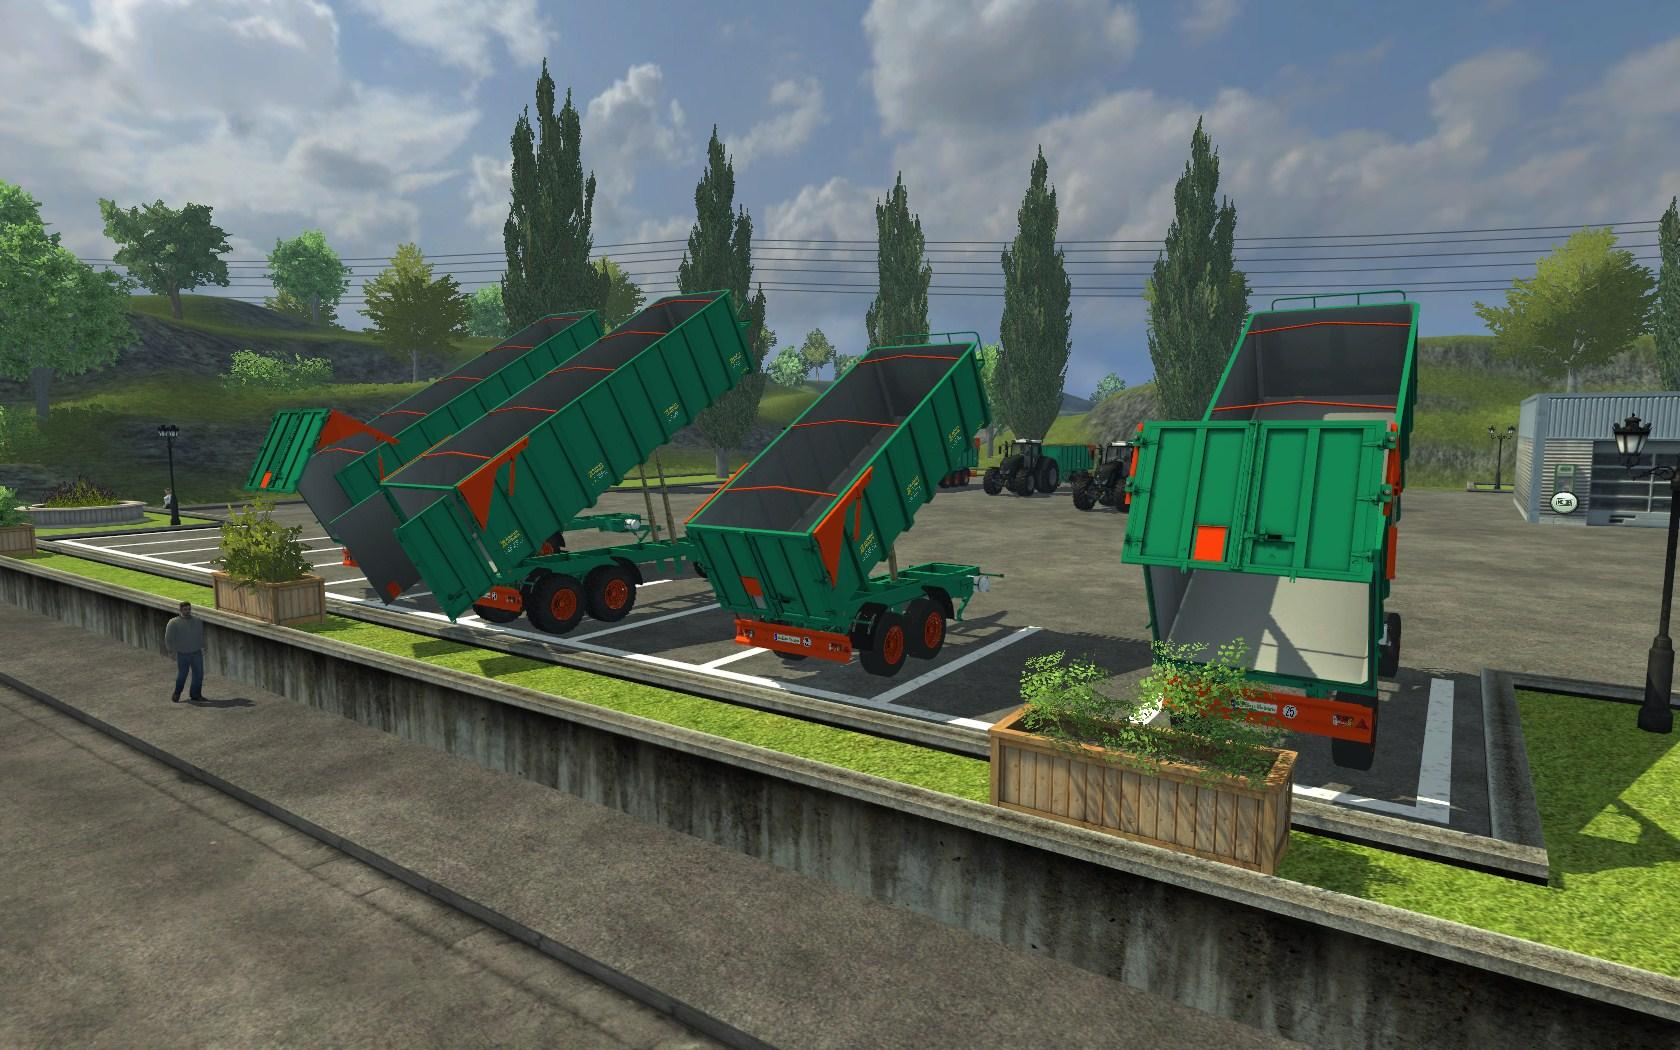 [Encuesta][T.E.P.] Proyecto Aguas Tenias (22 modelos + 1 Camión) [Terminado 21-4-2014]. - Página 3 Fsscreen_2014_01_01_1h1s3e